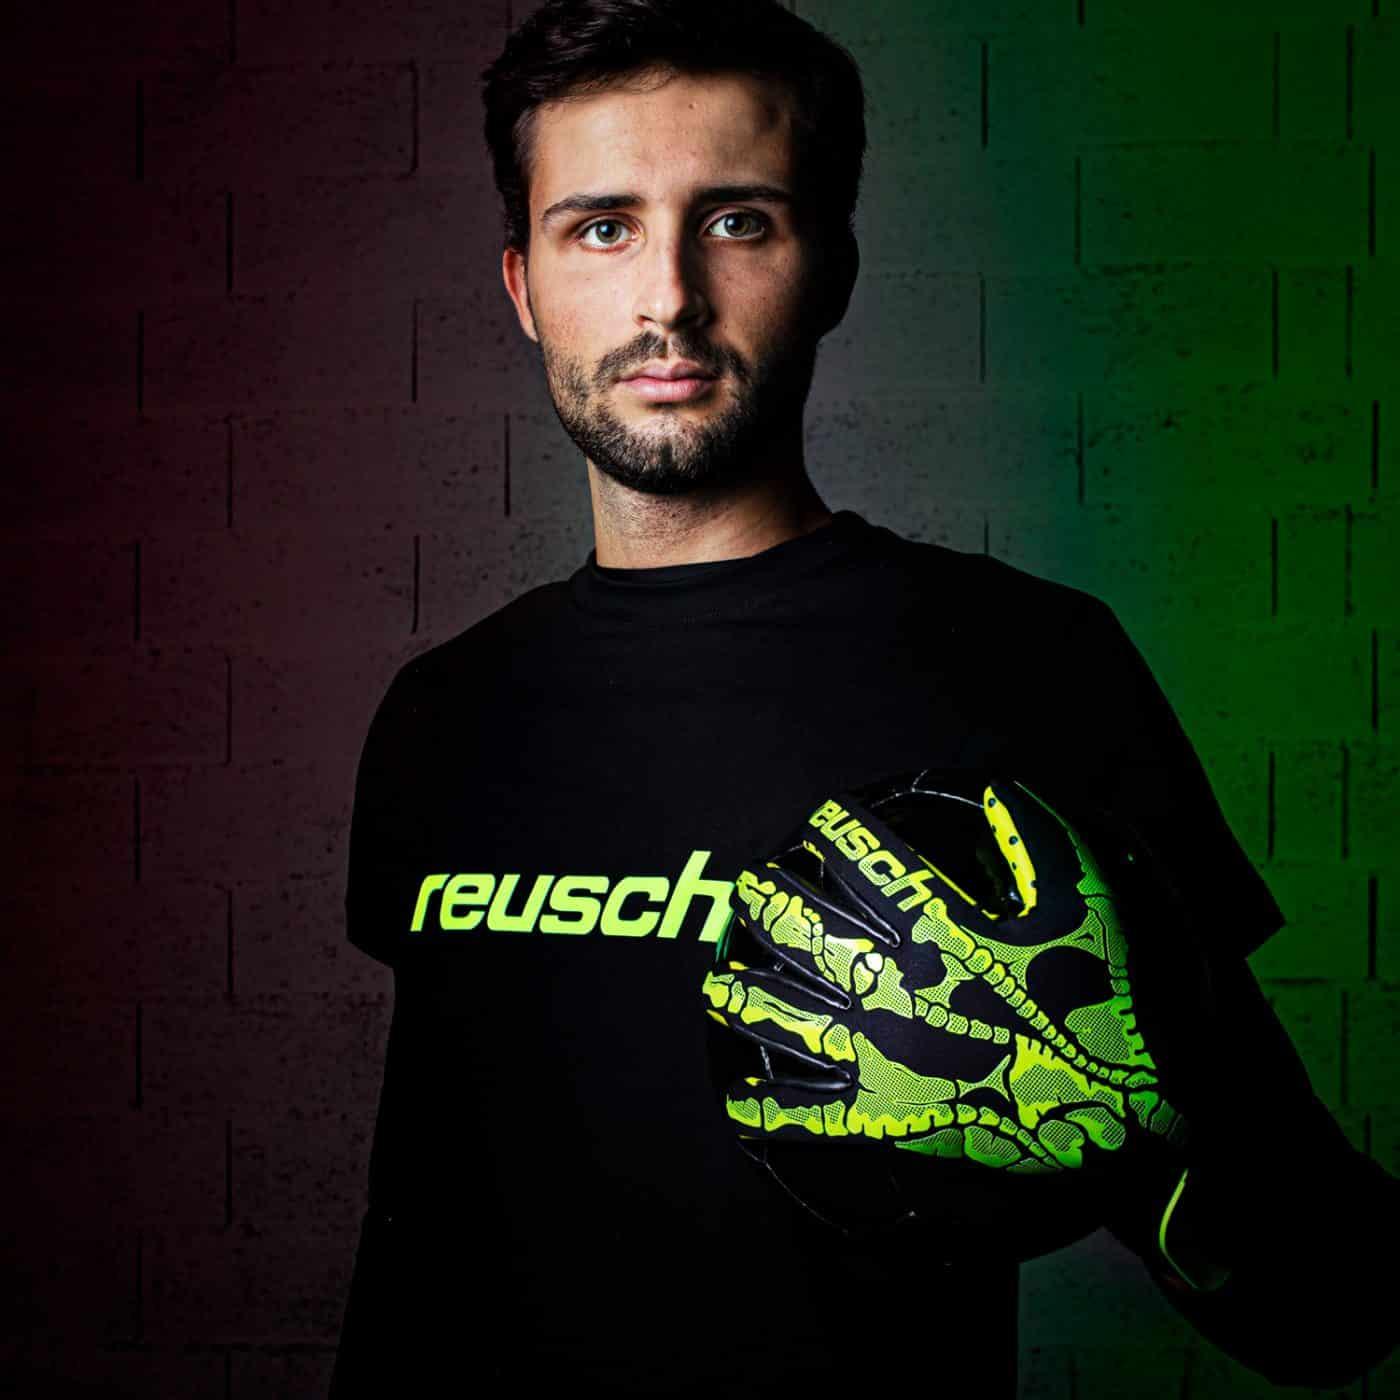 Pure-Contact-X-Ray-G3-Speedbump-reusch-1